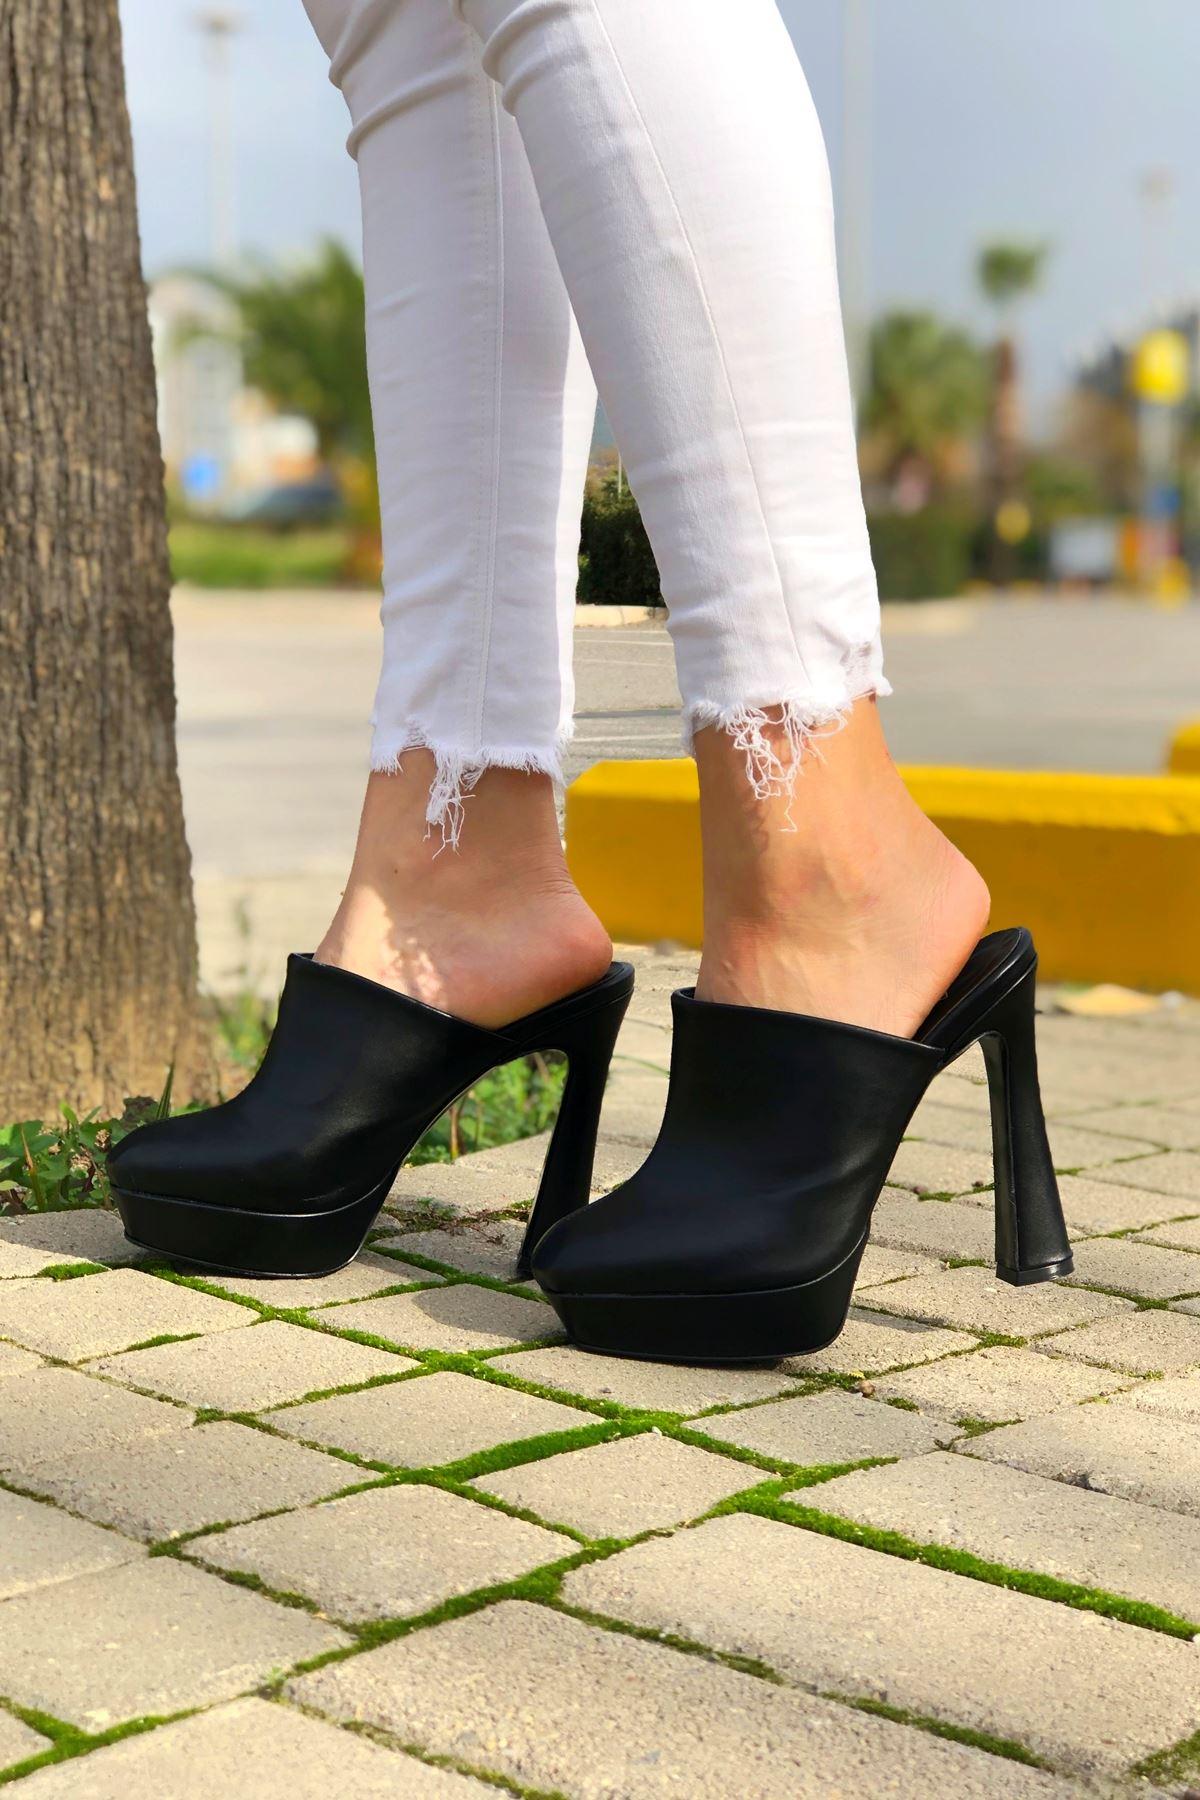 Aliya Siyah Cilt Topuklu Kadın Ayakkabı